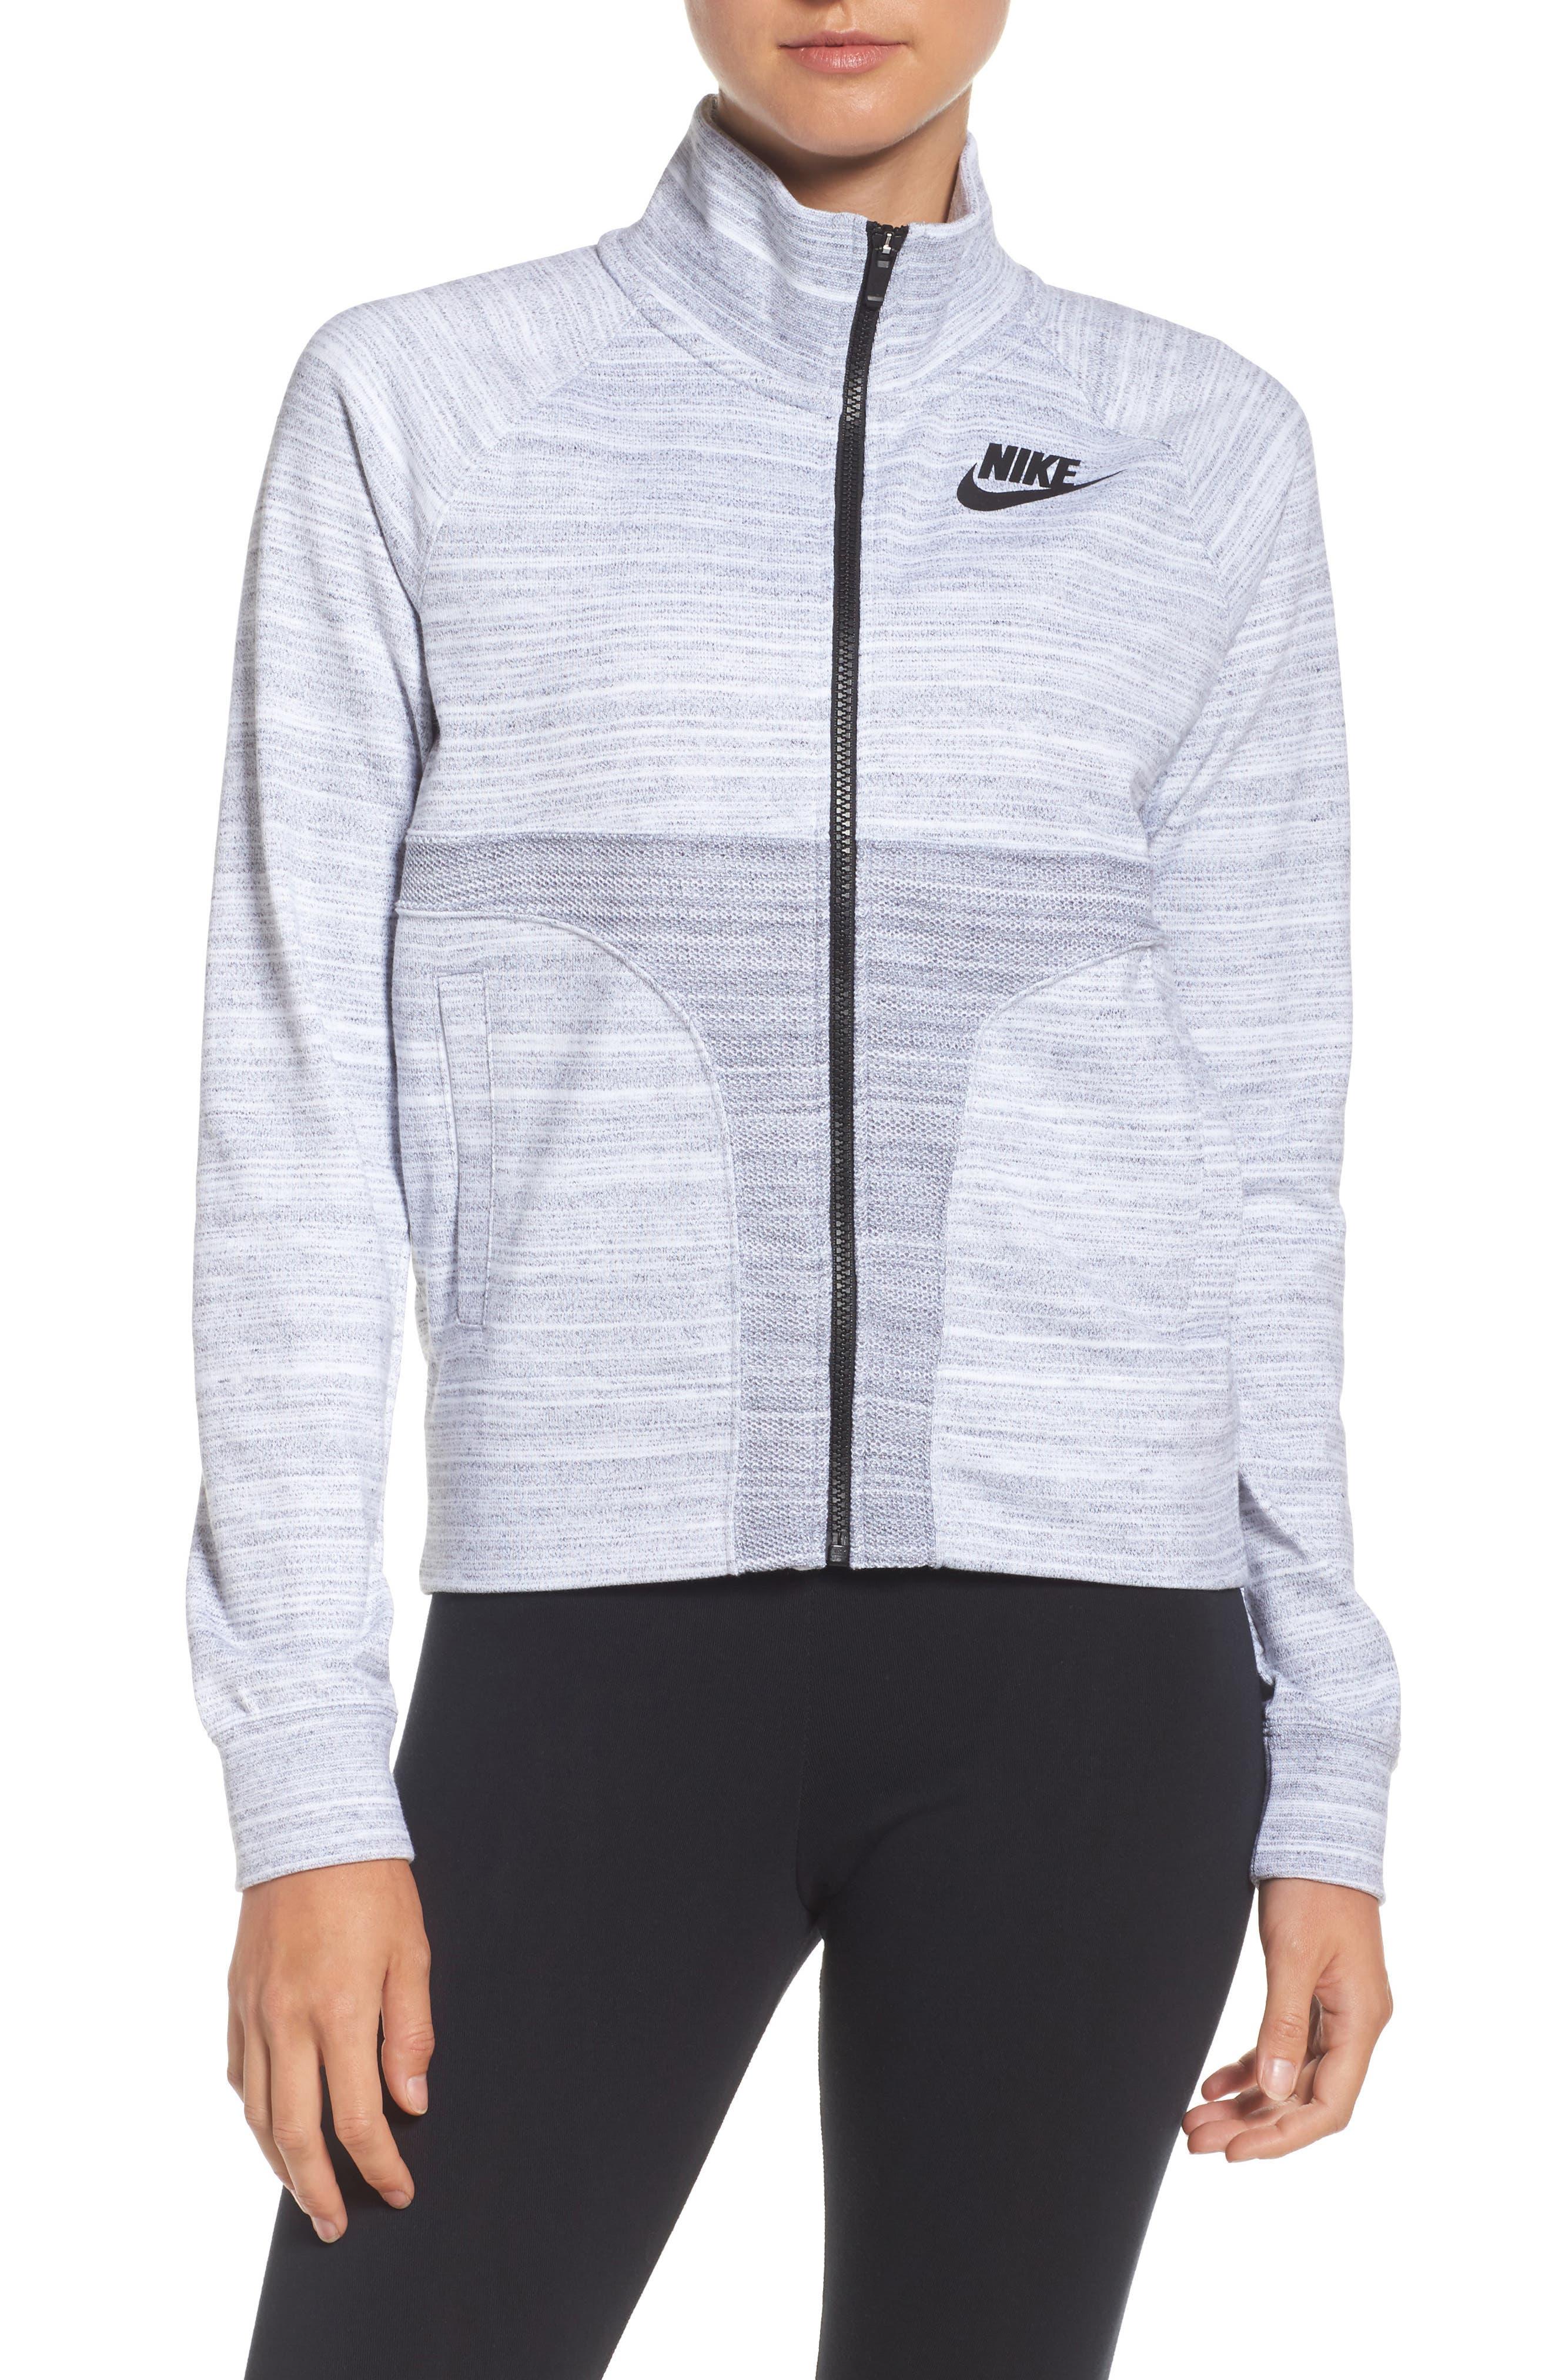 Nike Sportswear Advance 15 Track Jacket